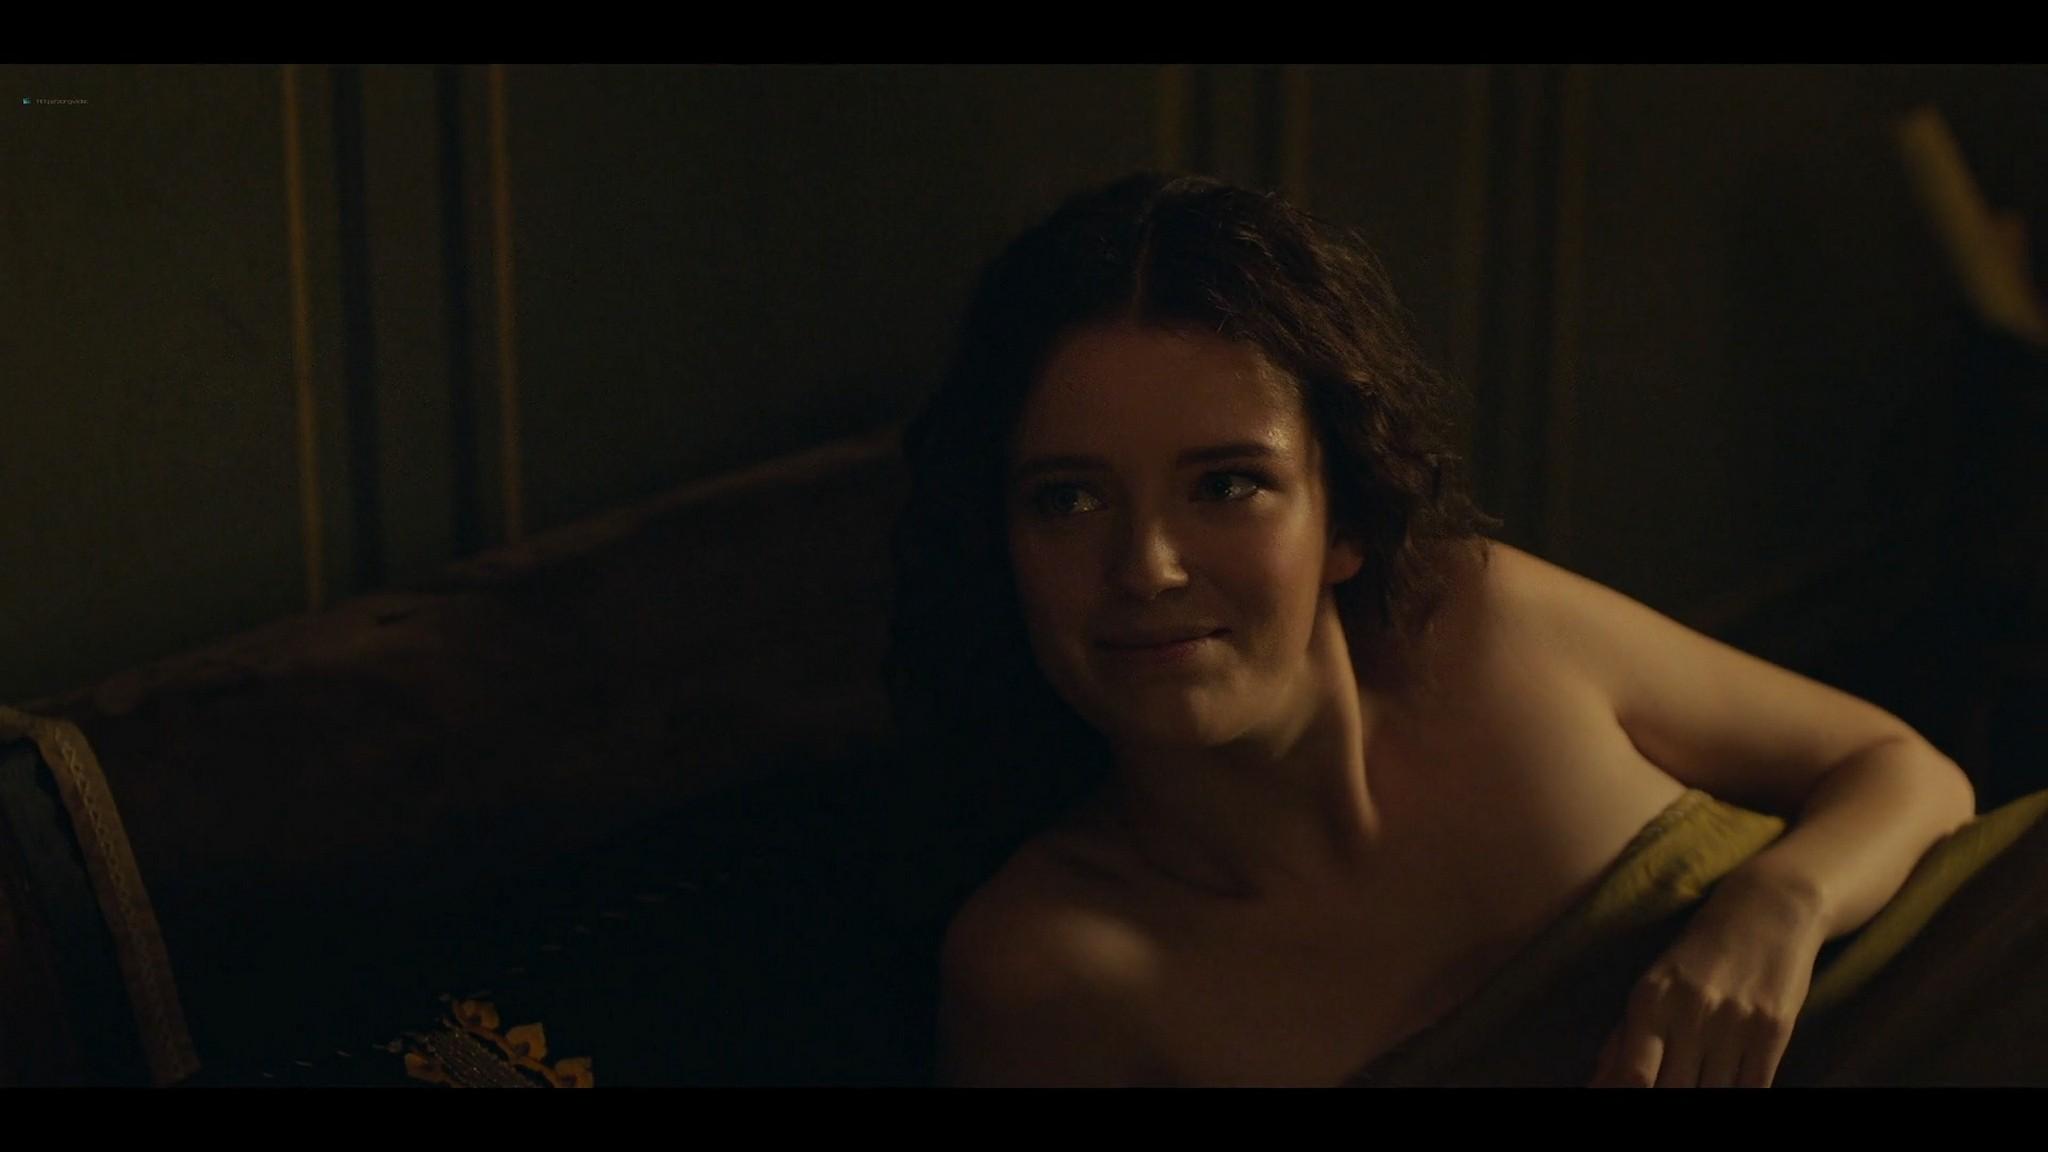 Kasia Smutniak nude sex Alais Lawson nude butt Domina 2021 S1 1080p Web 12